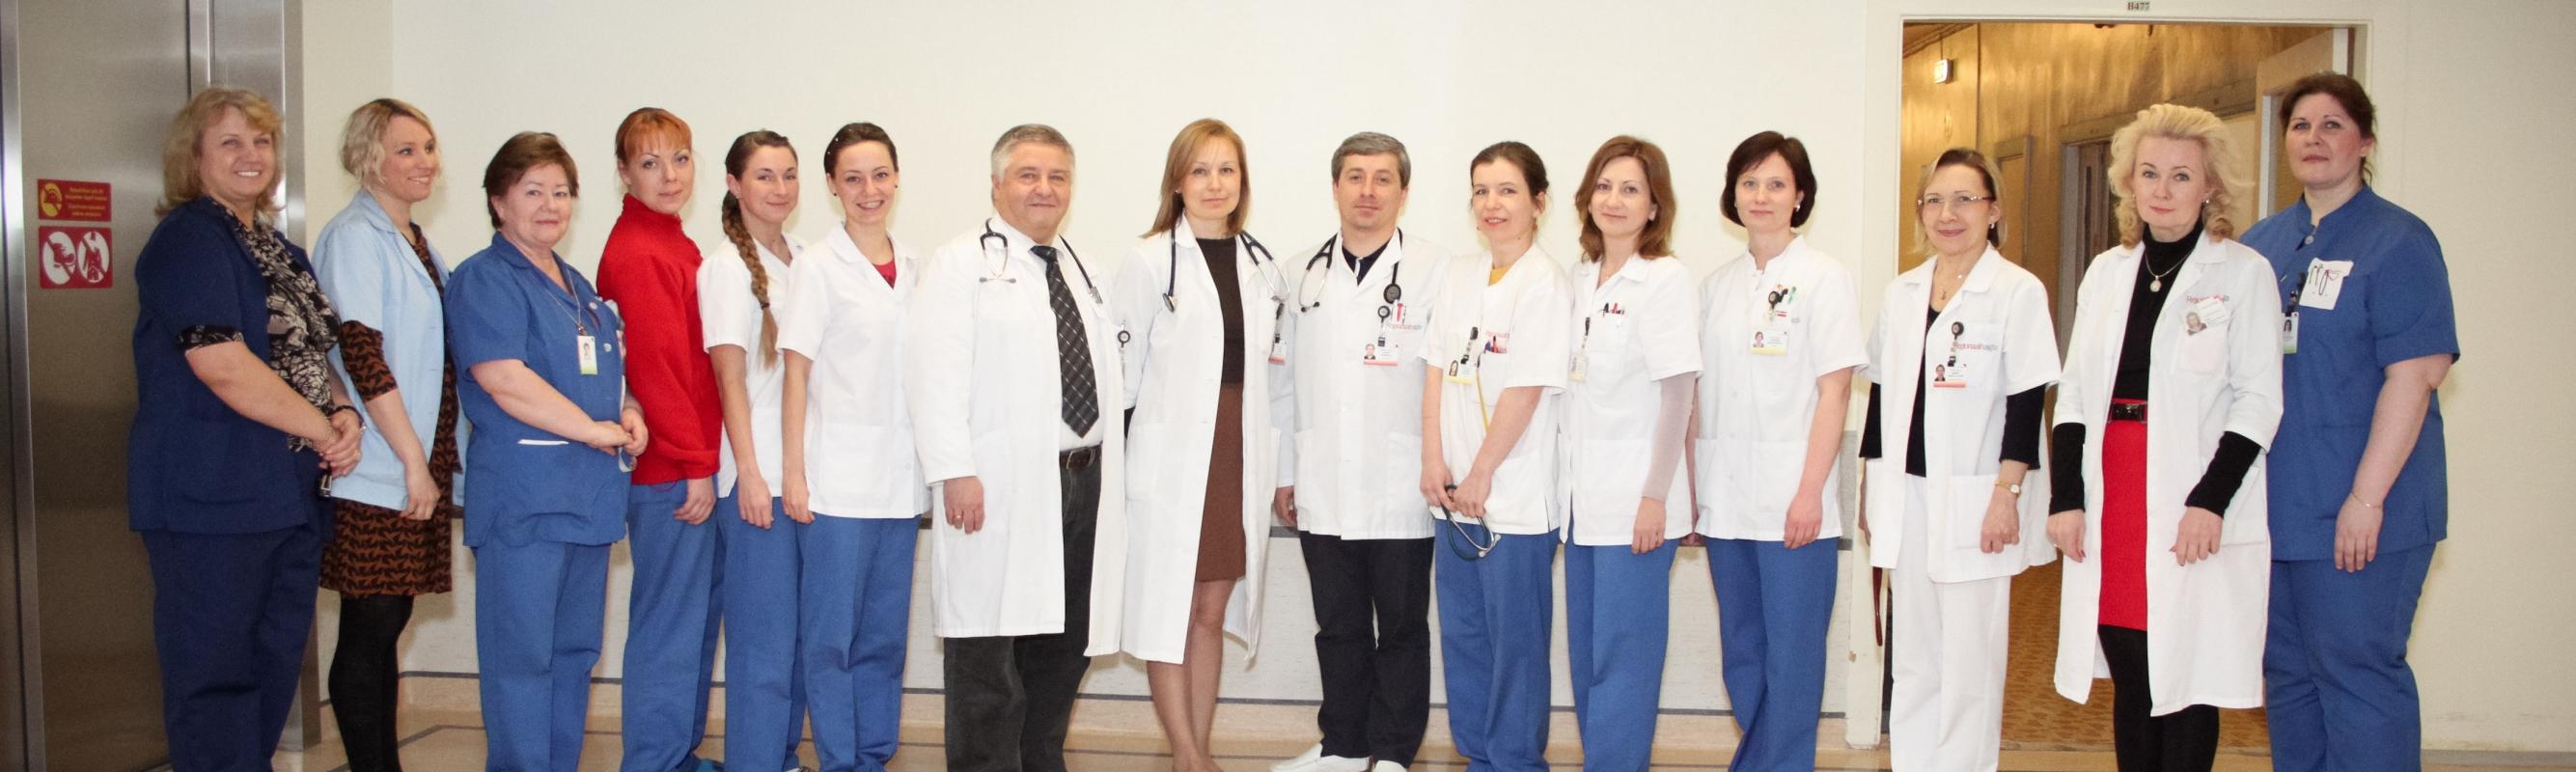 II kardioloogia osakonna töökas kollektiiv